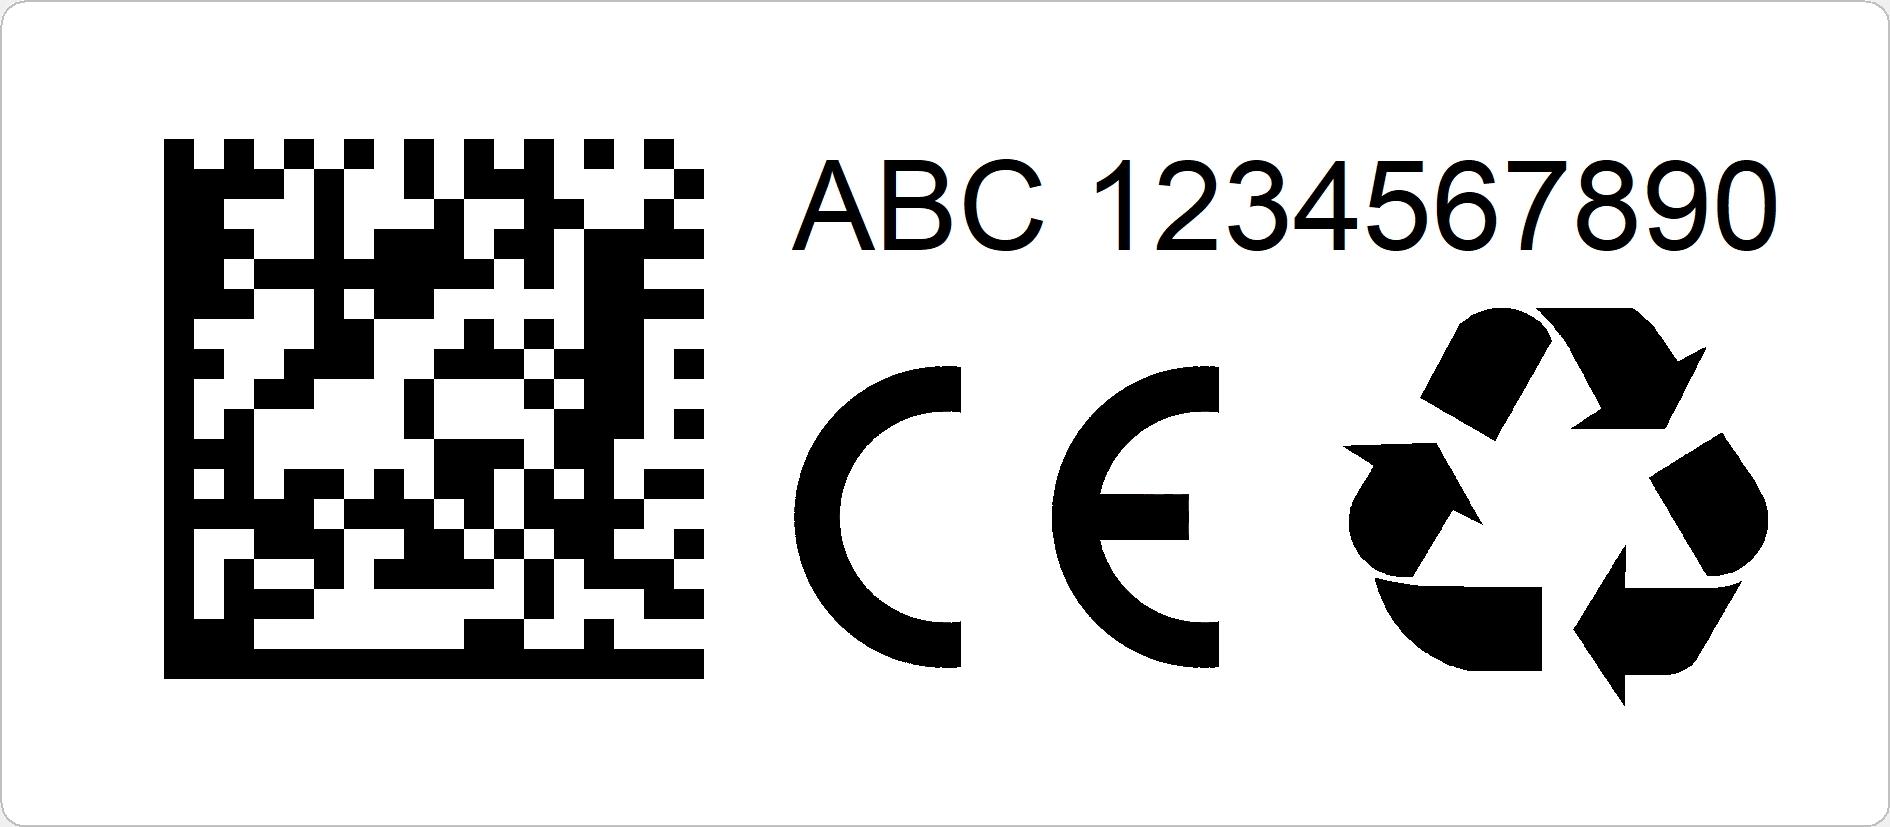 DataMatrix ist ein 2D-Code für die Kennzeichnung und Identifikation